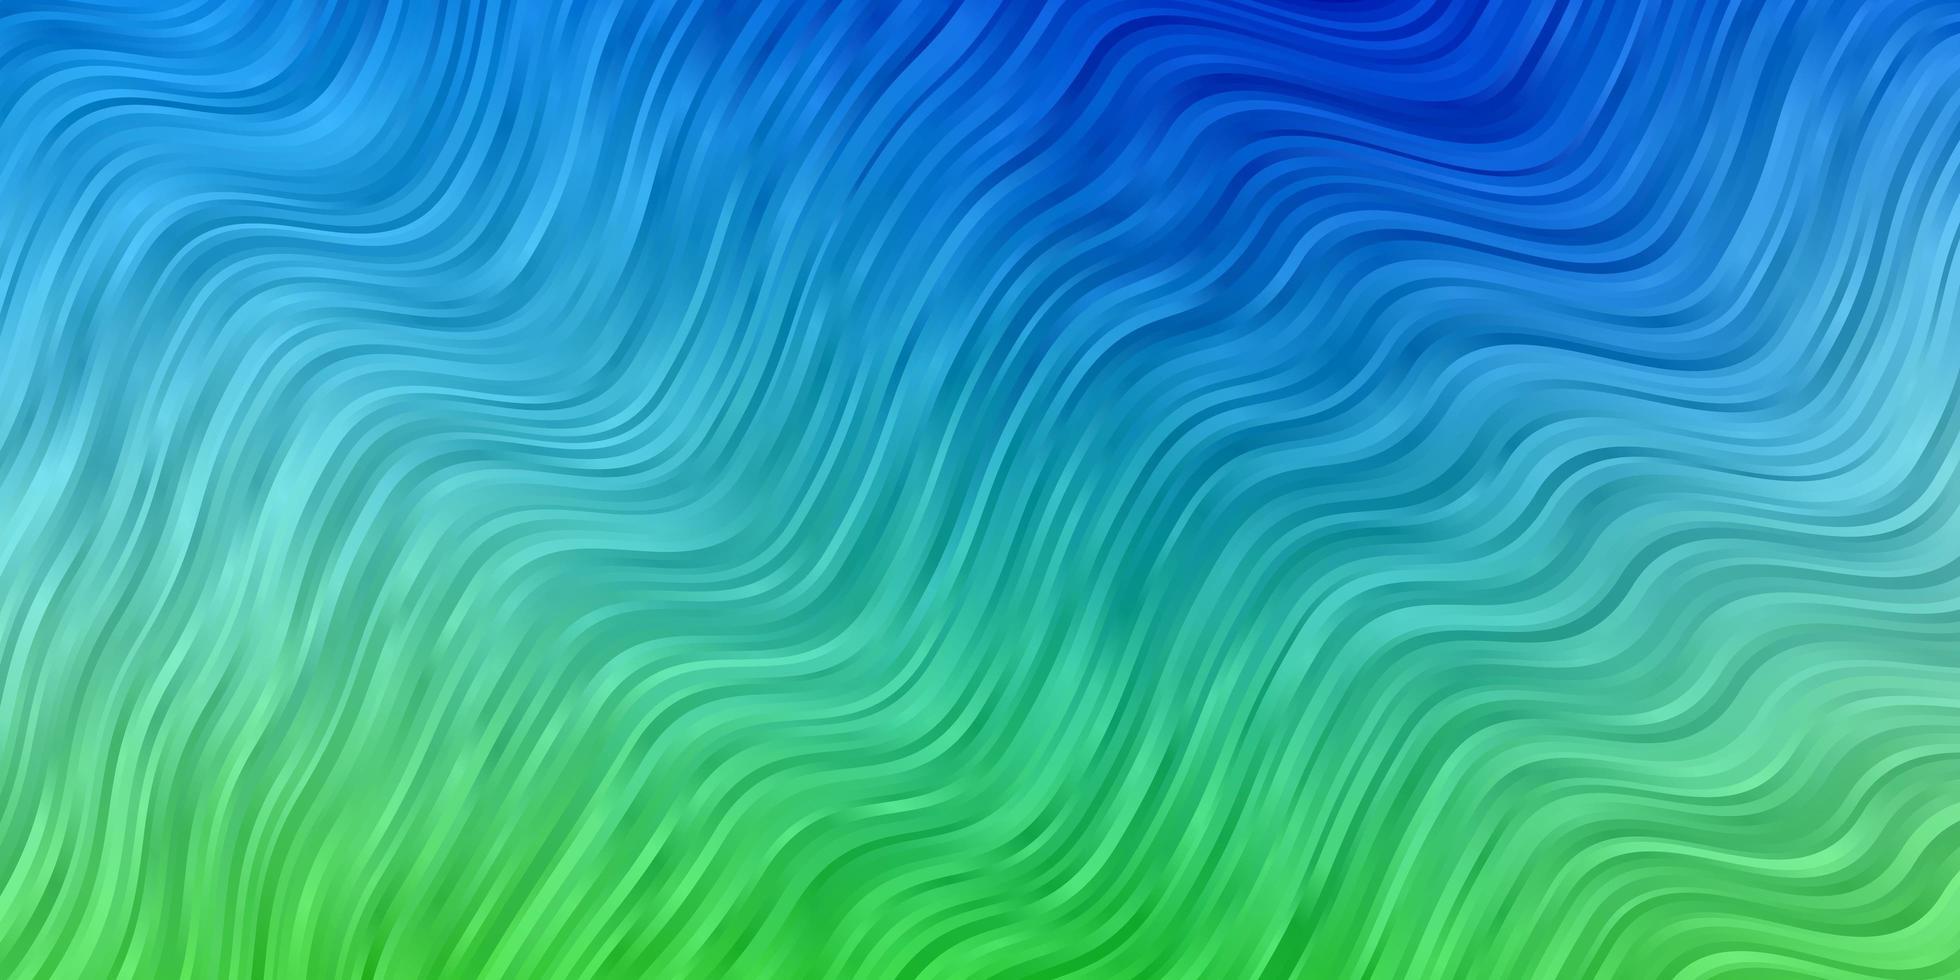 blått och grönt mönster med böjda linjer. vektor